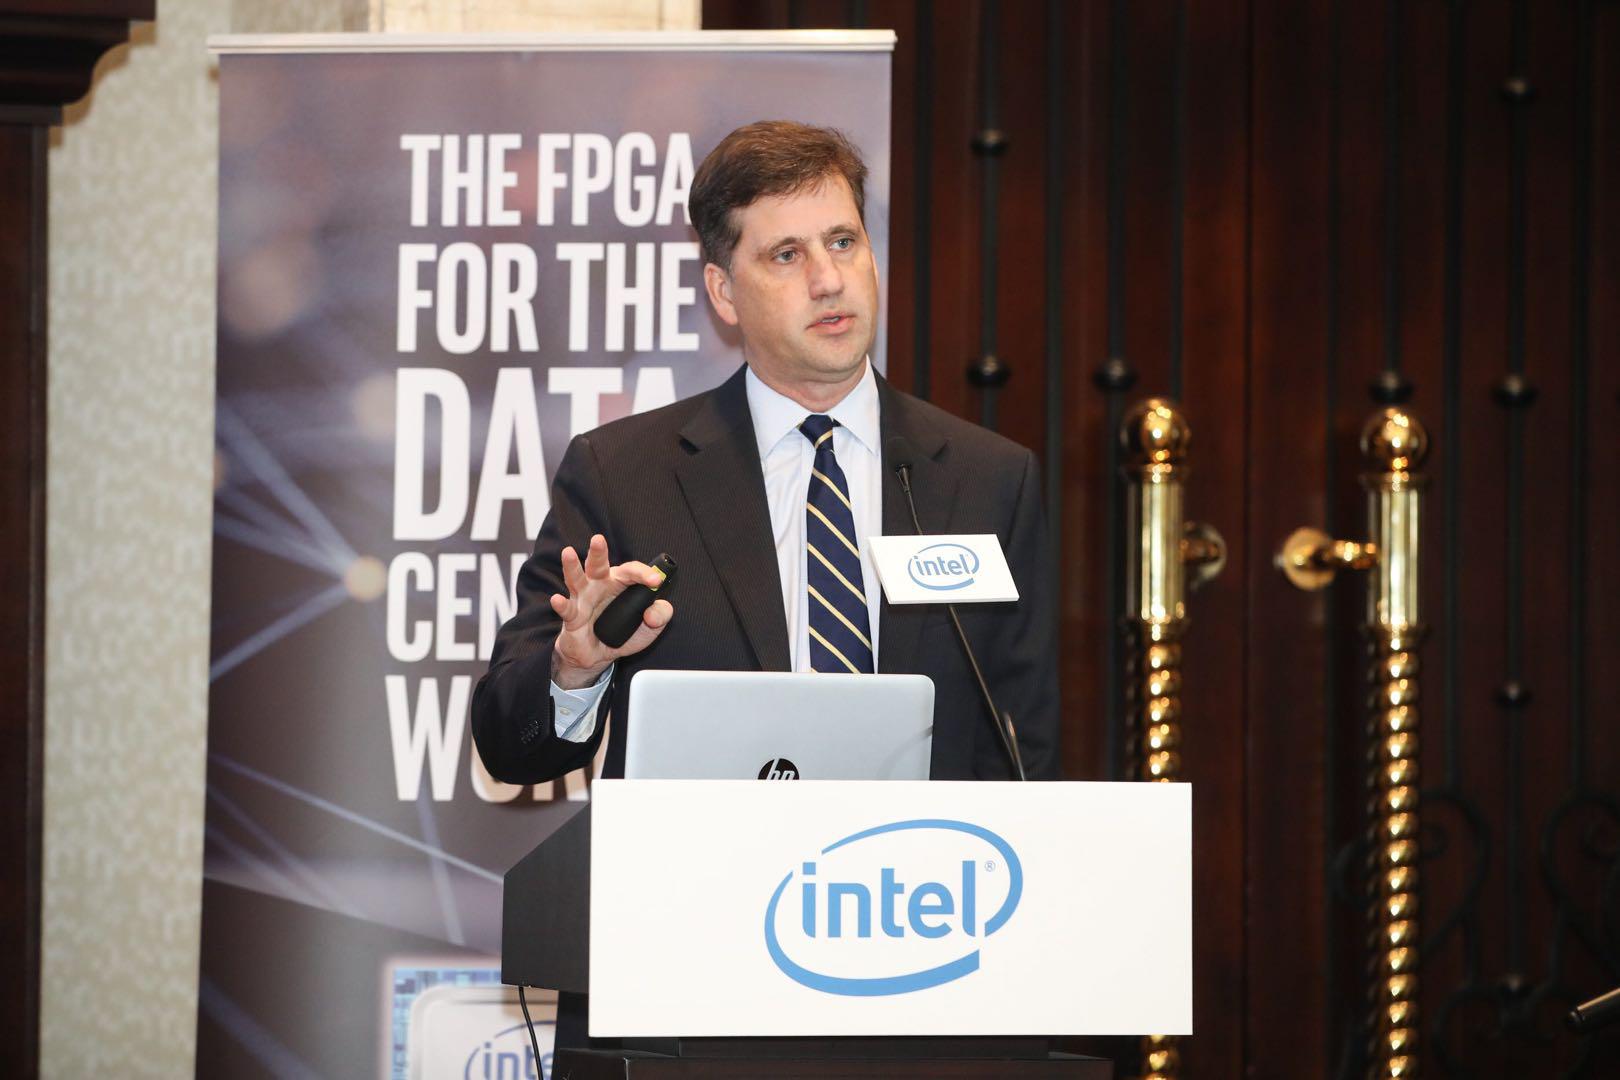 崭新的名字——Agilex,英特尔新FPGA有哪些黑科技?